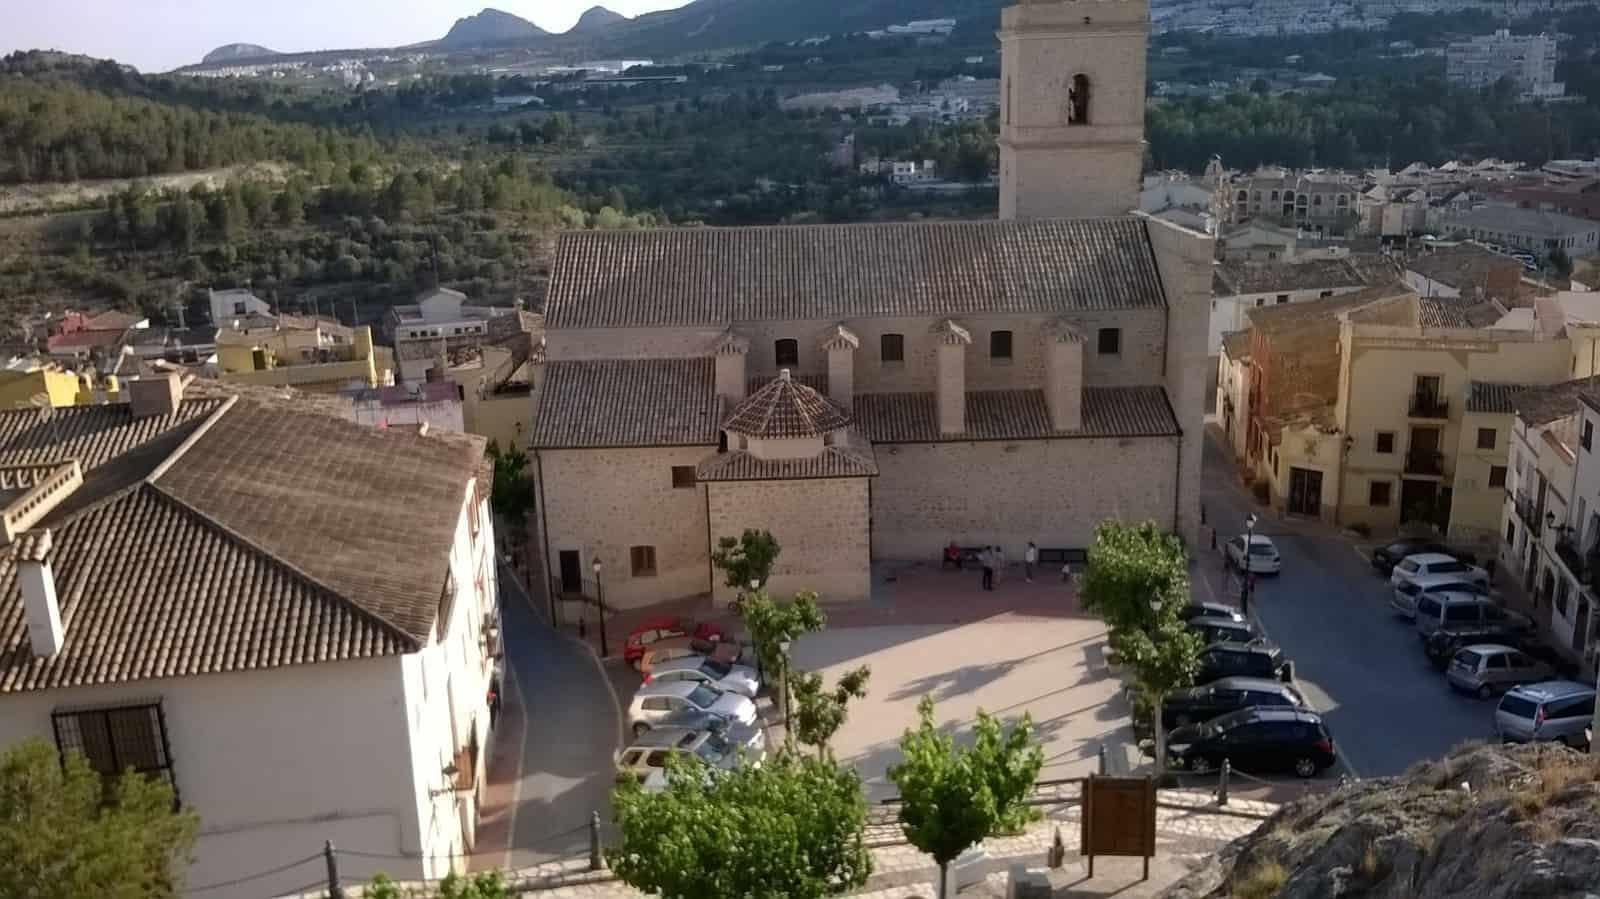 1435238137_17. Plaza de la iglesia de San Pedro de Polop